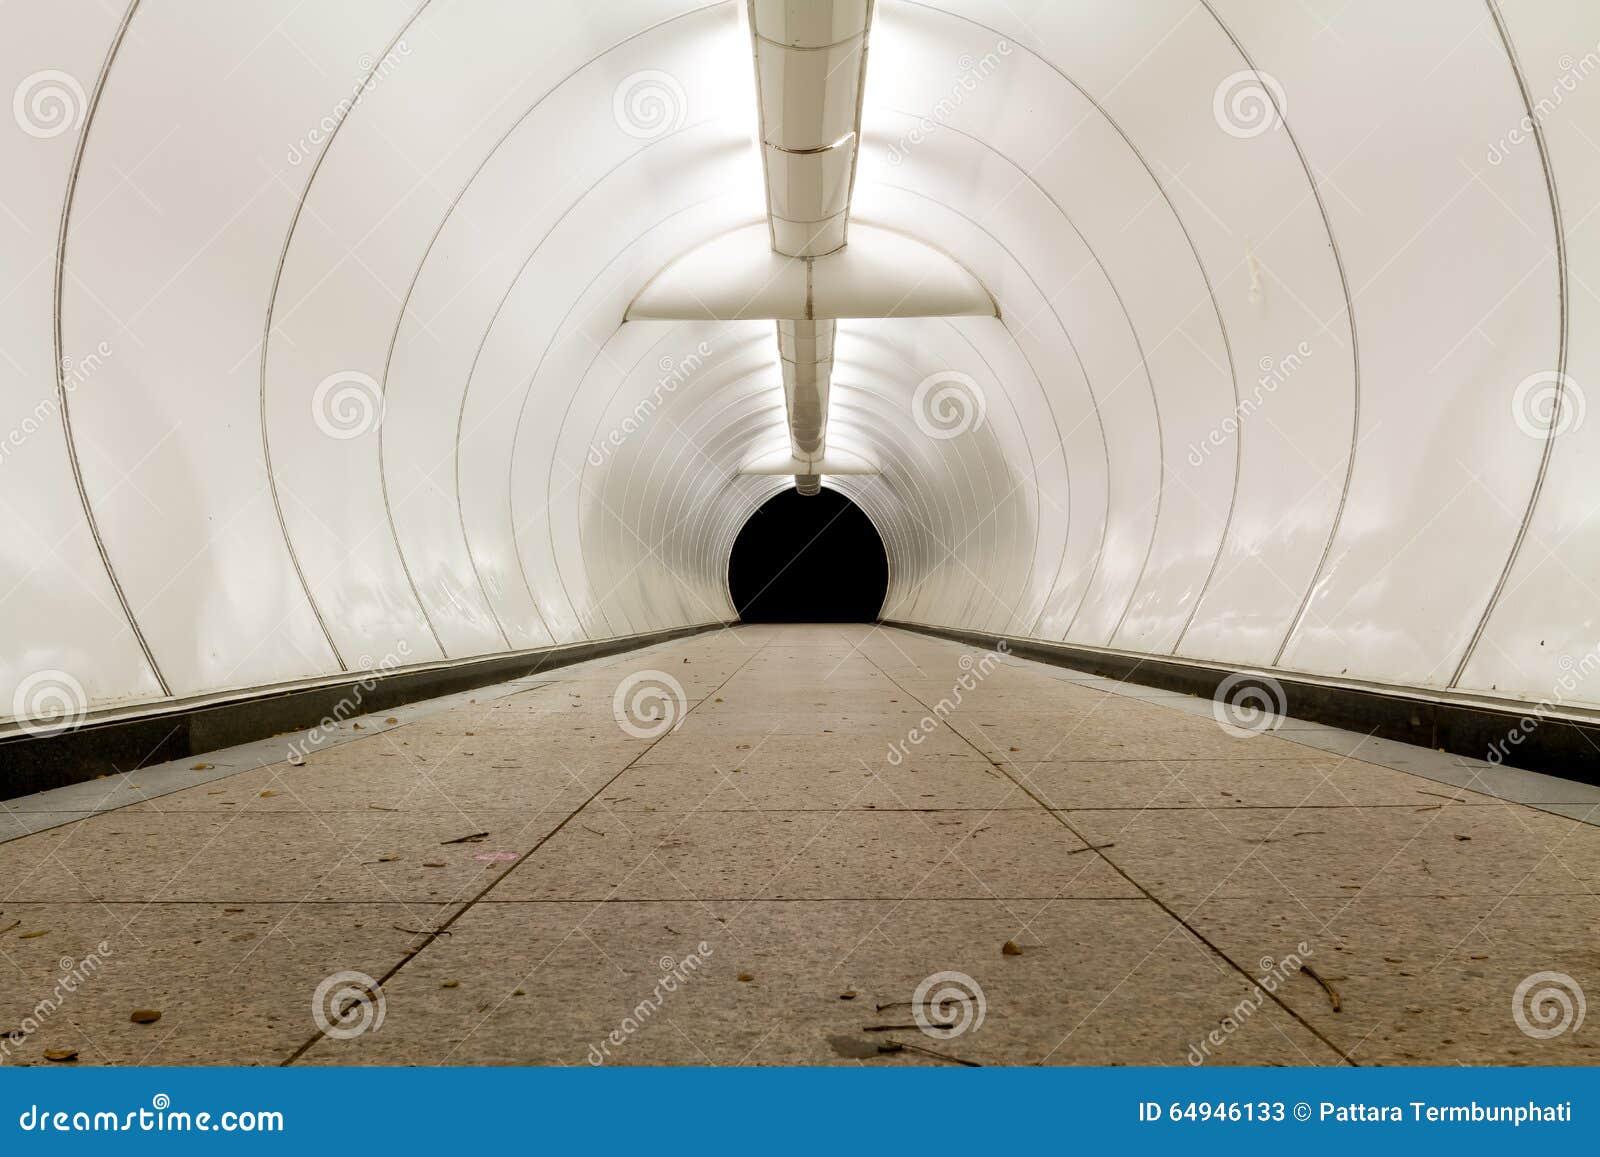 Προκαλούμενες από τον άνθρωπο σήραγγα/υπόγεια διάβαση